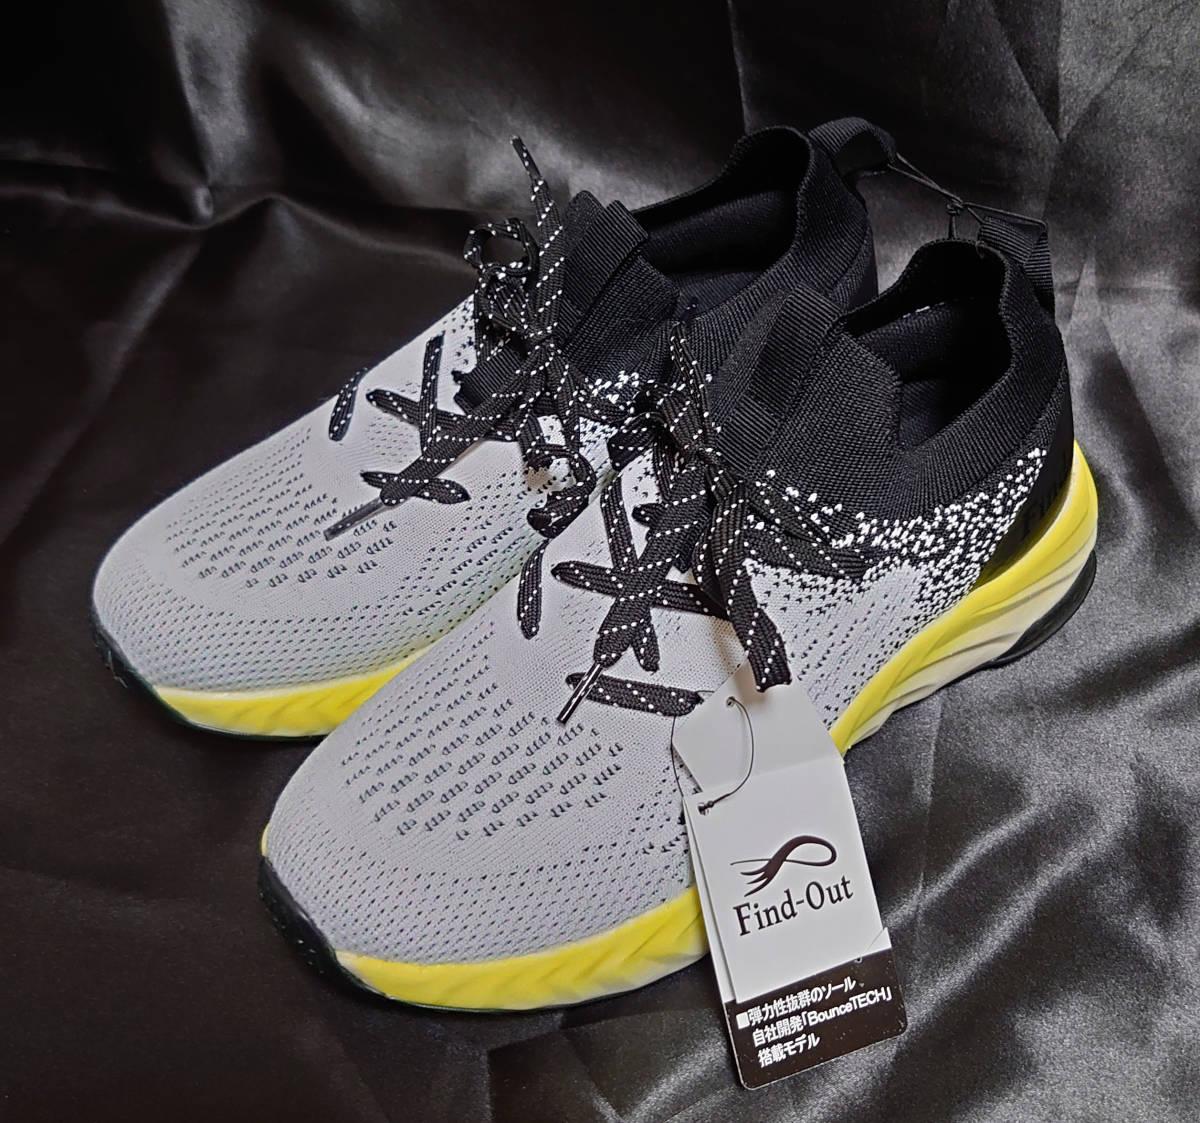 【新品・送料無料】ワークマン 厚底ランニングシューズ アスレシューズ ハイバウンス 25.5cm スニーカー 靴 Find-Out ファインドアウト